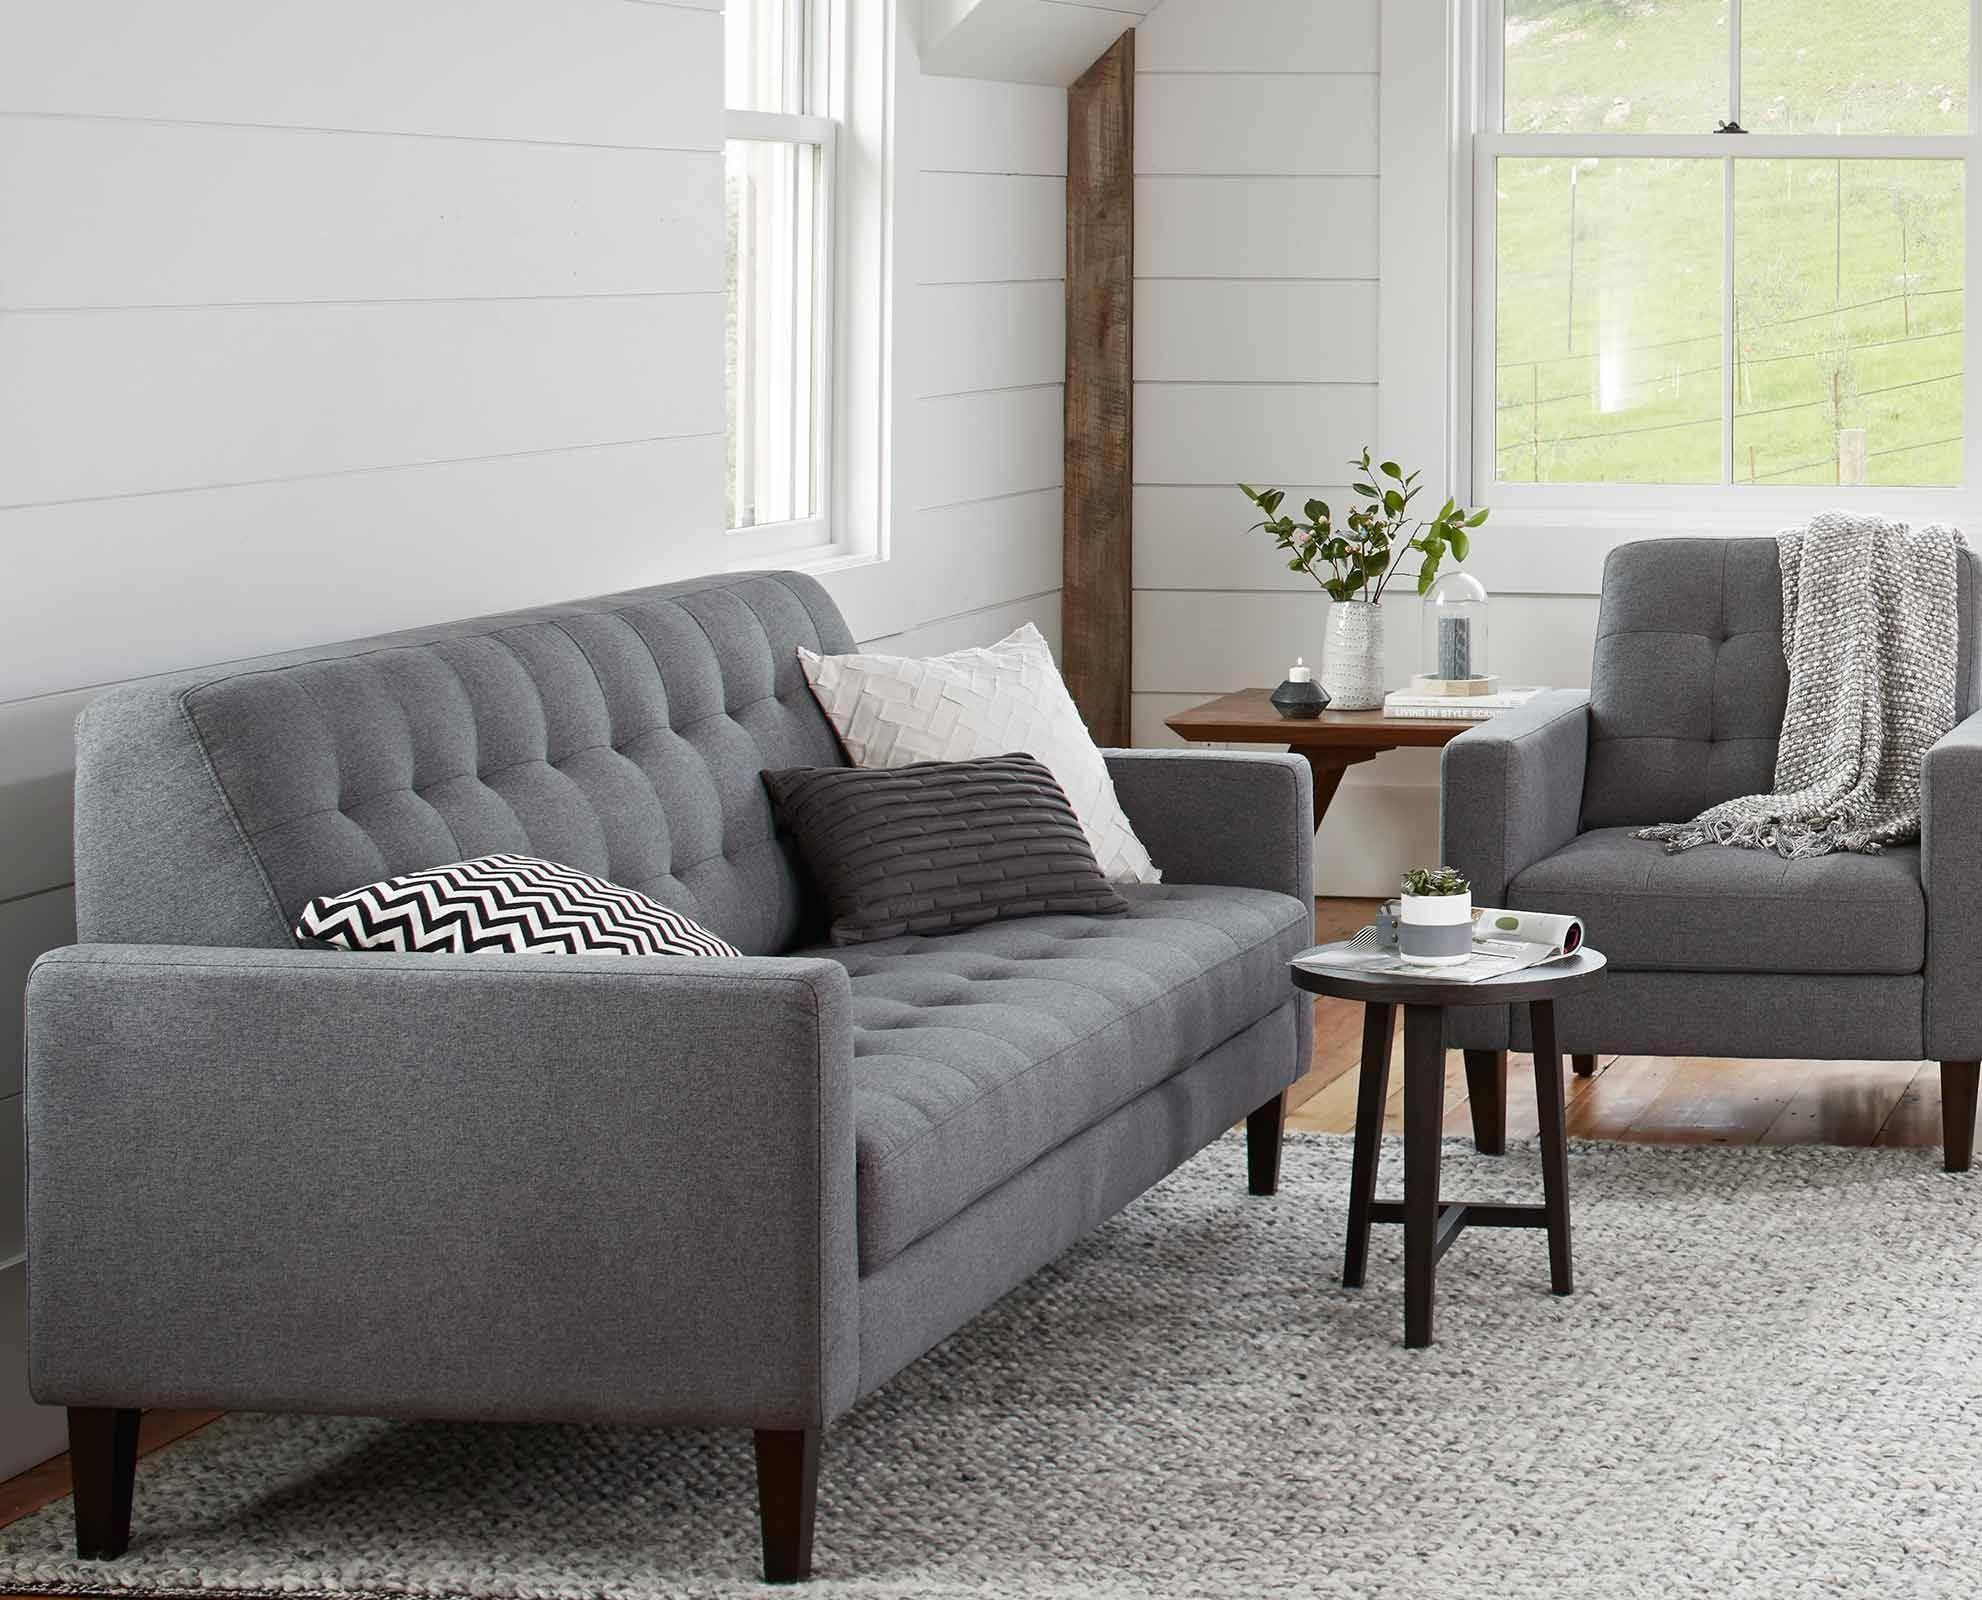 West Elm Sectional Sofa Reviews Thecreativescientistcom